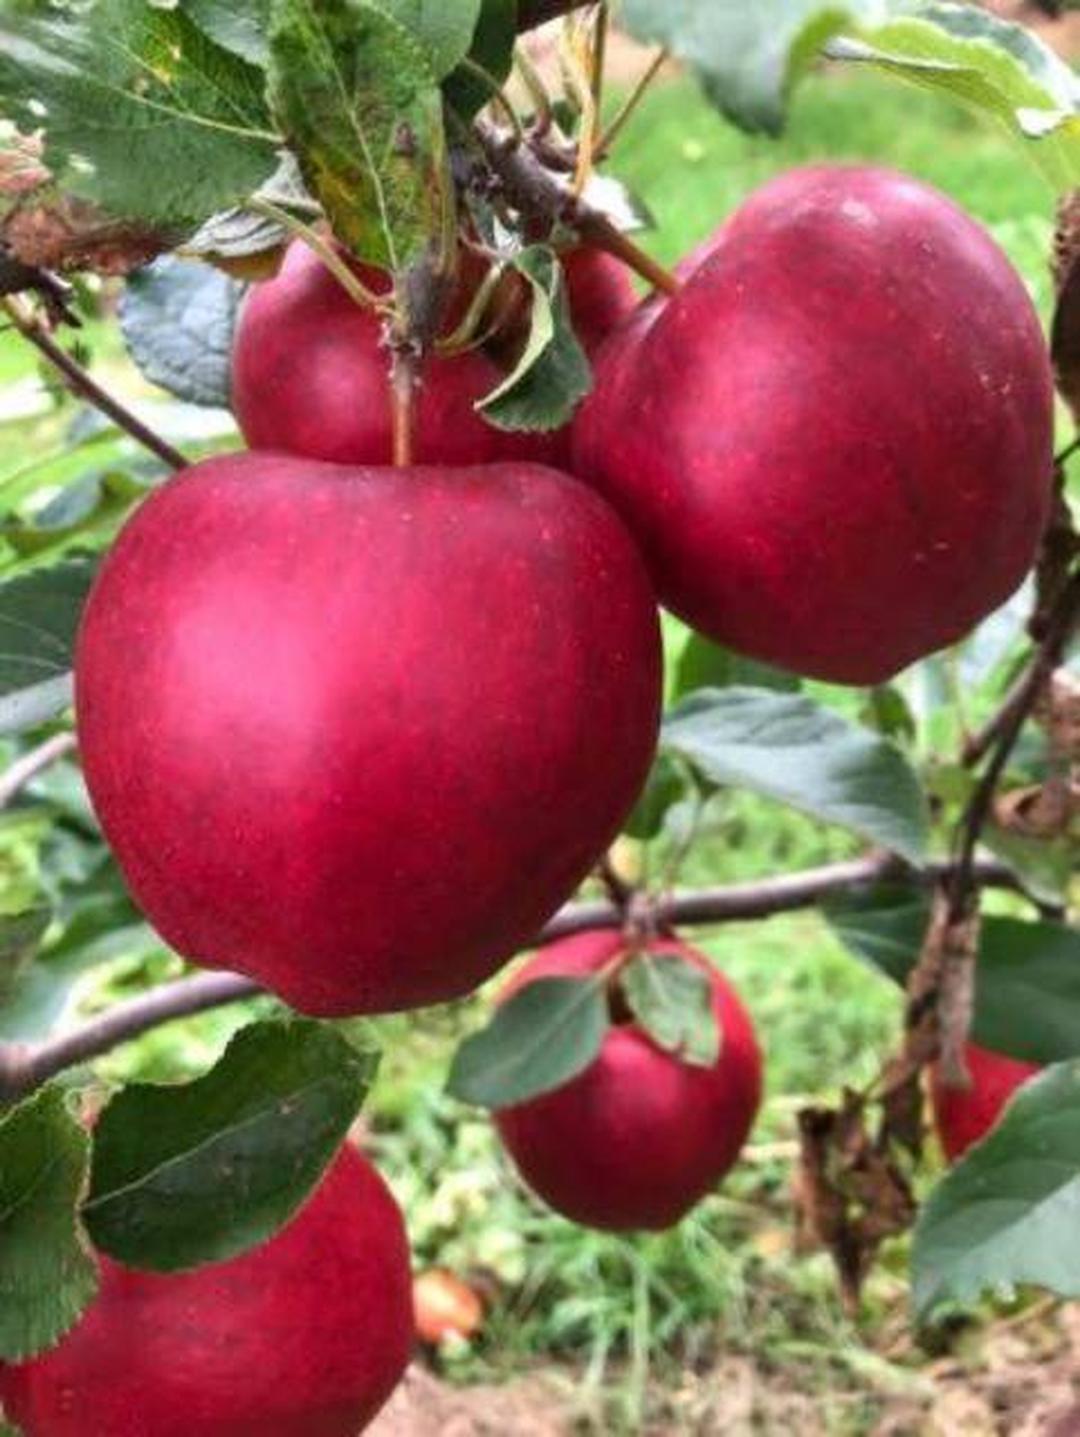 Obral! Bibit tanan pohon buah APEL RED CAROLINE aple merah unggul manis cepat berbuah okulasi cangkok Kota Bogor #bibit buah